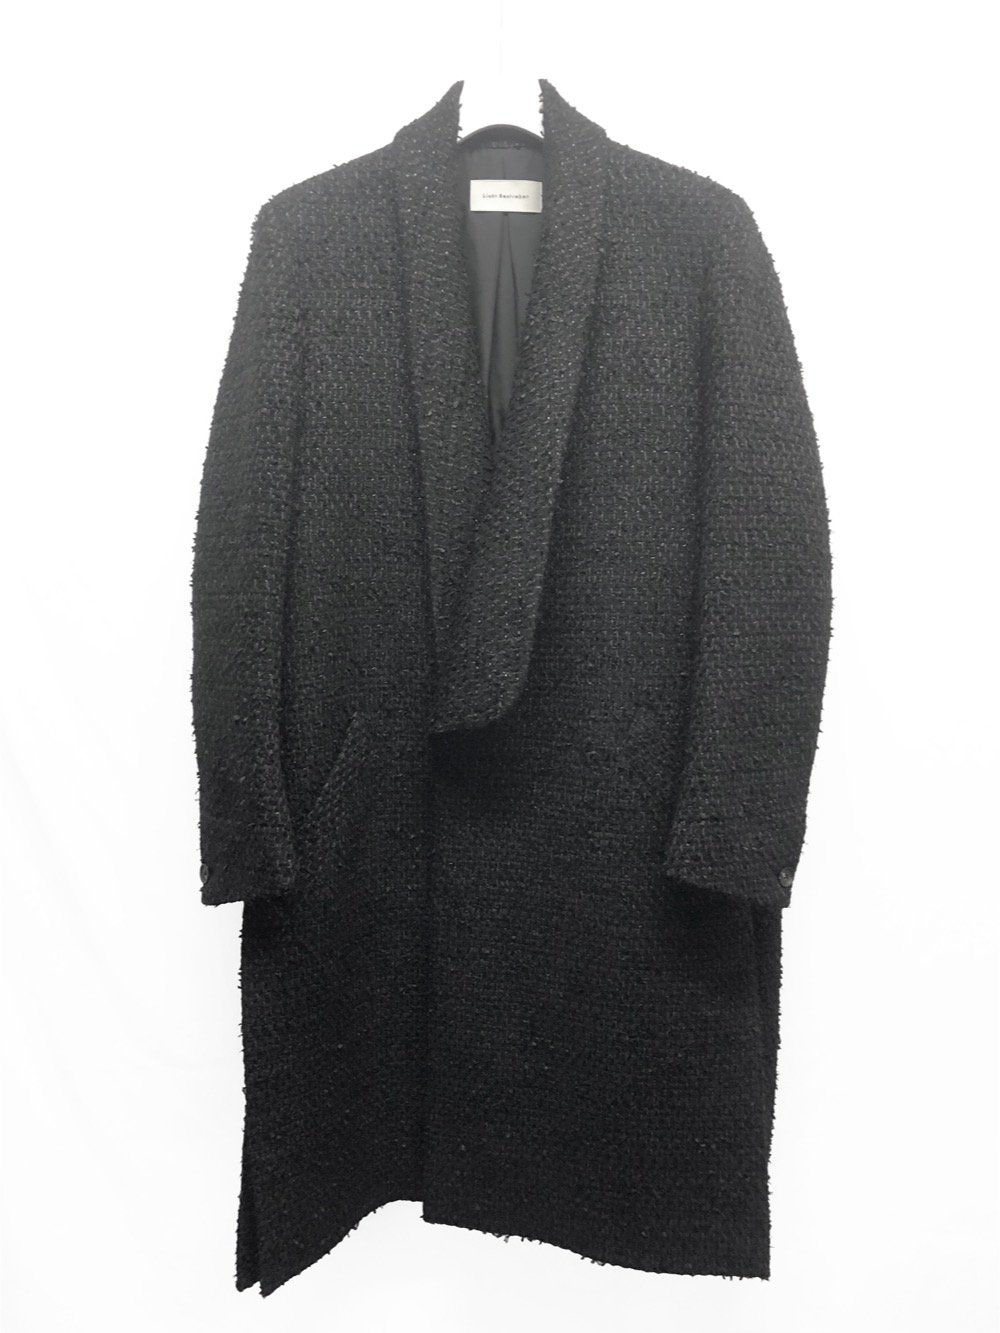 芸能人が櫻井・有吉THE夜会で着用した衣装アウター、シャツ